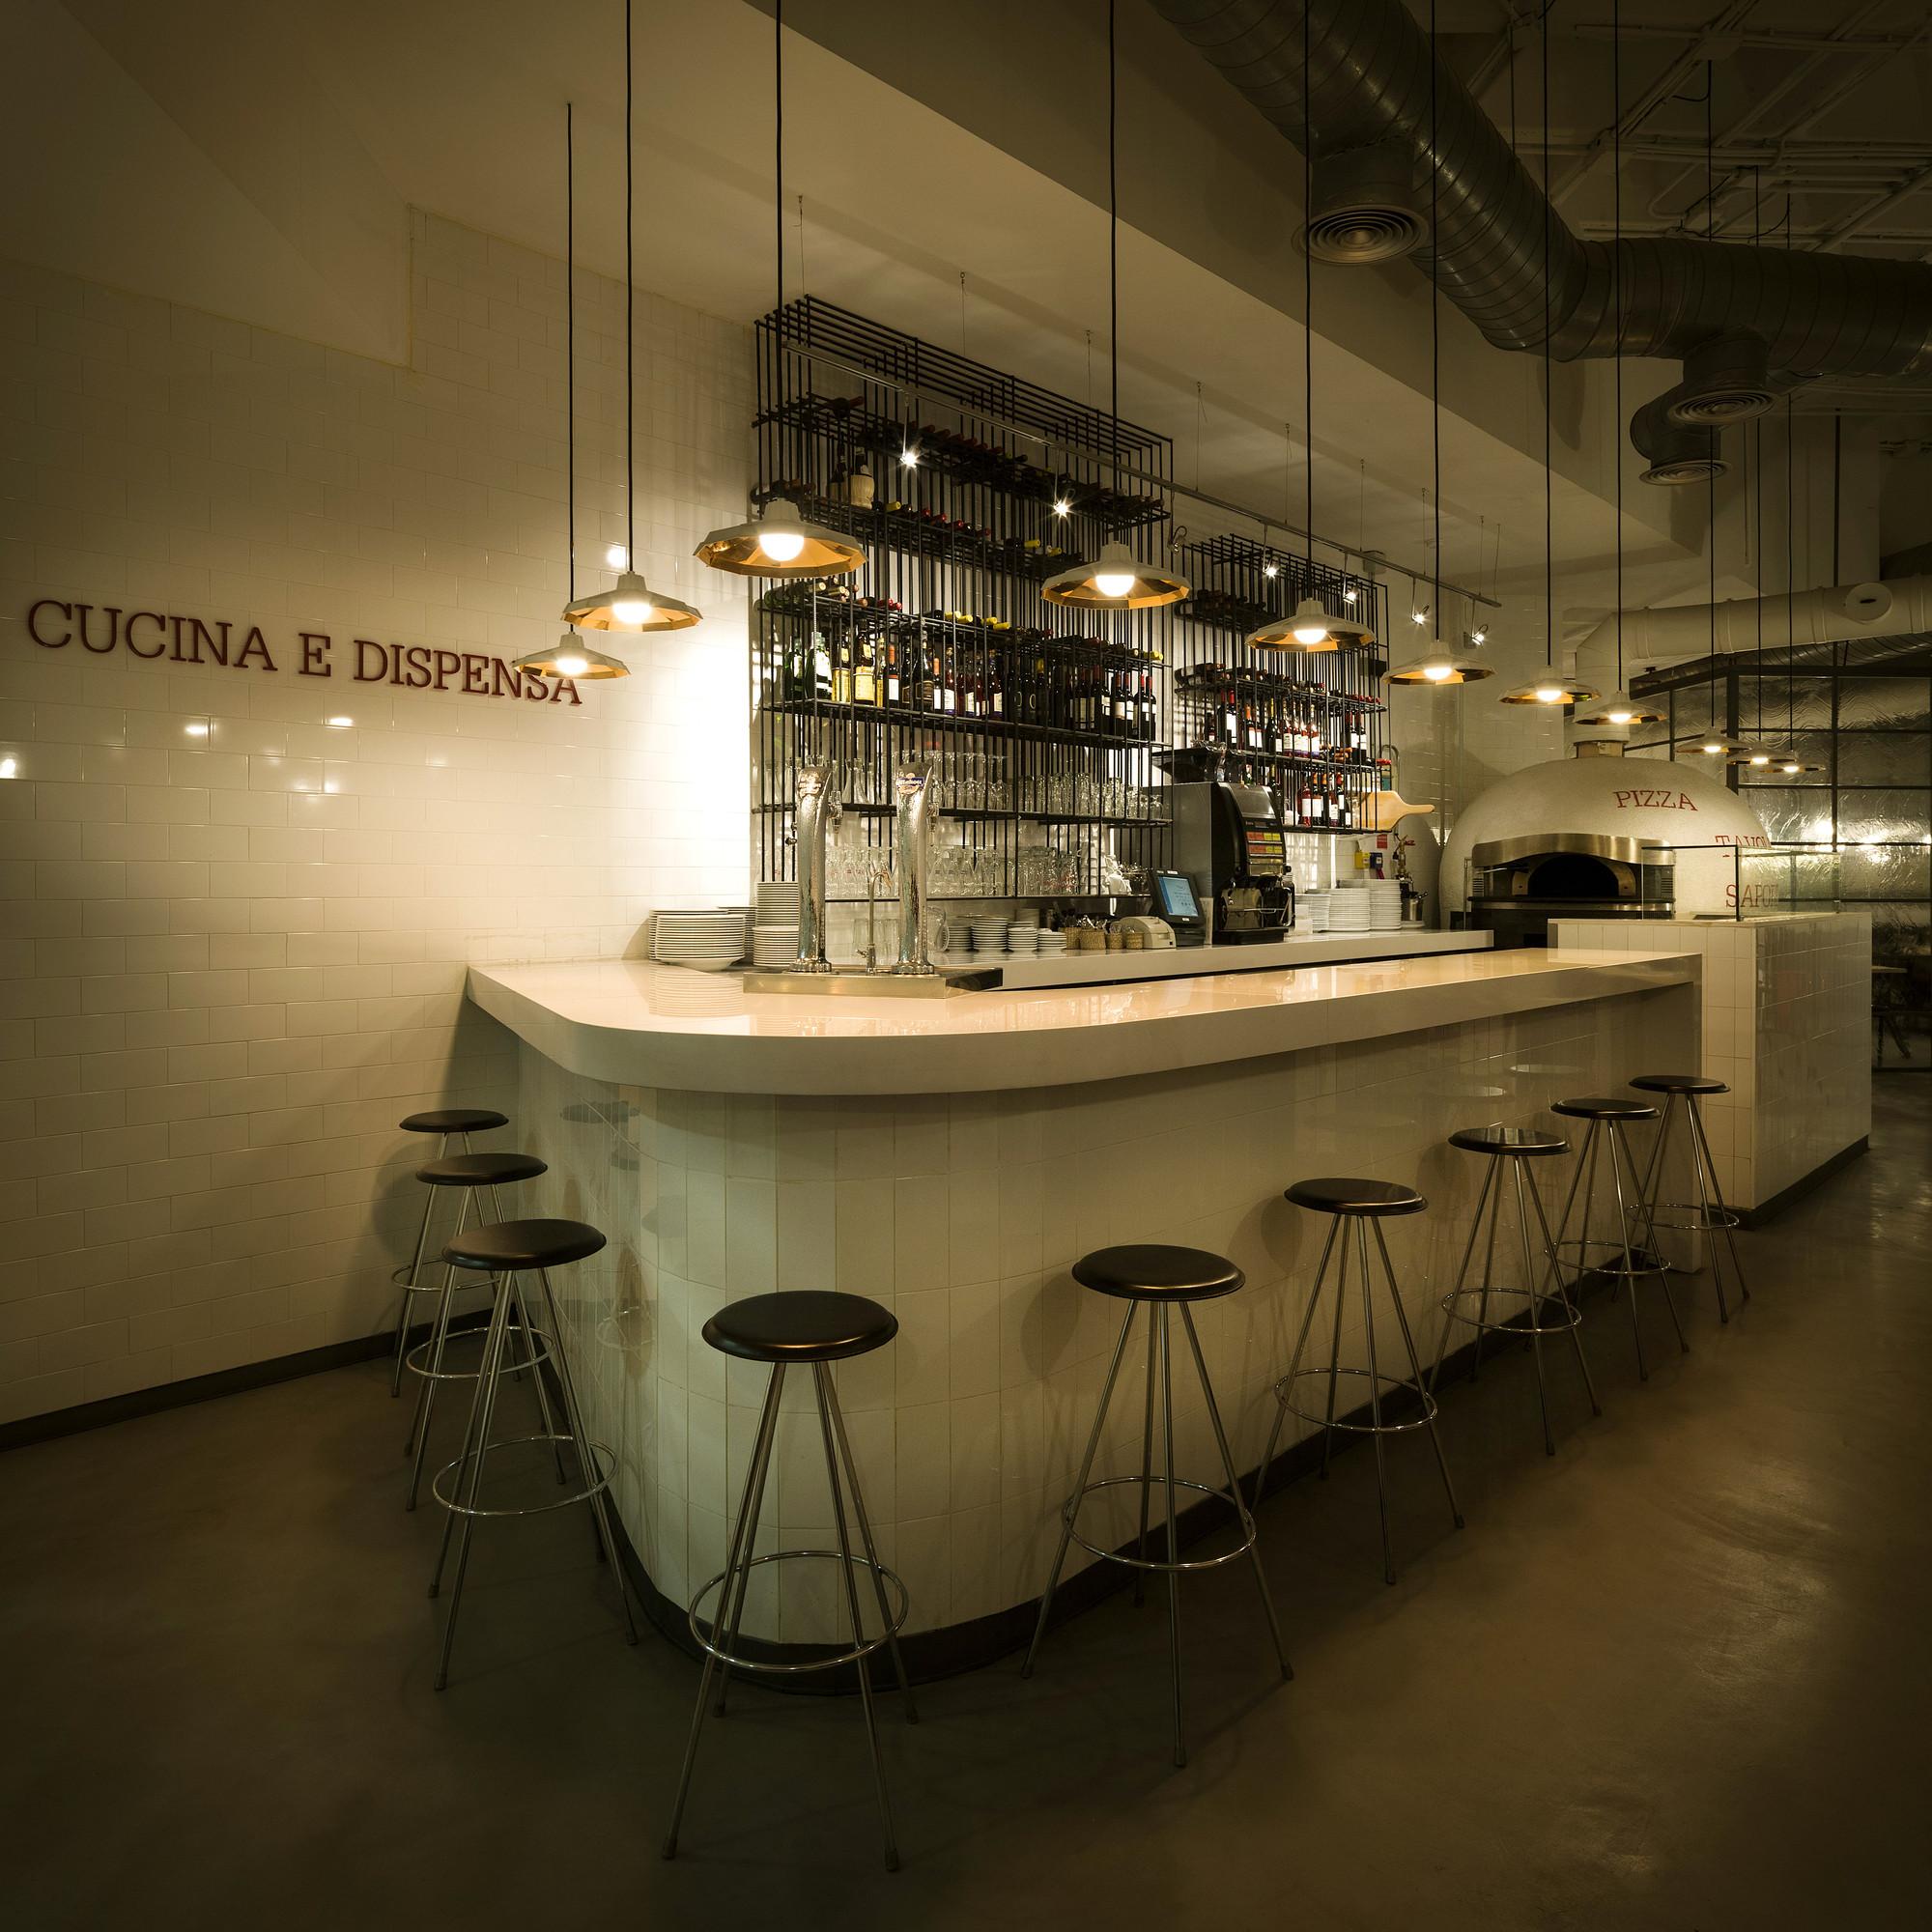 Galer a de restaurant ginos ilmiodesign 3 - Barras de bar iluminadas ...